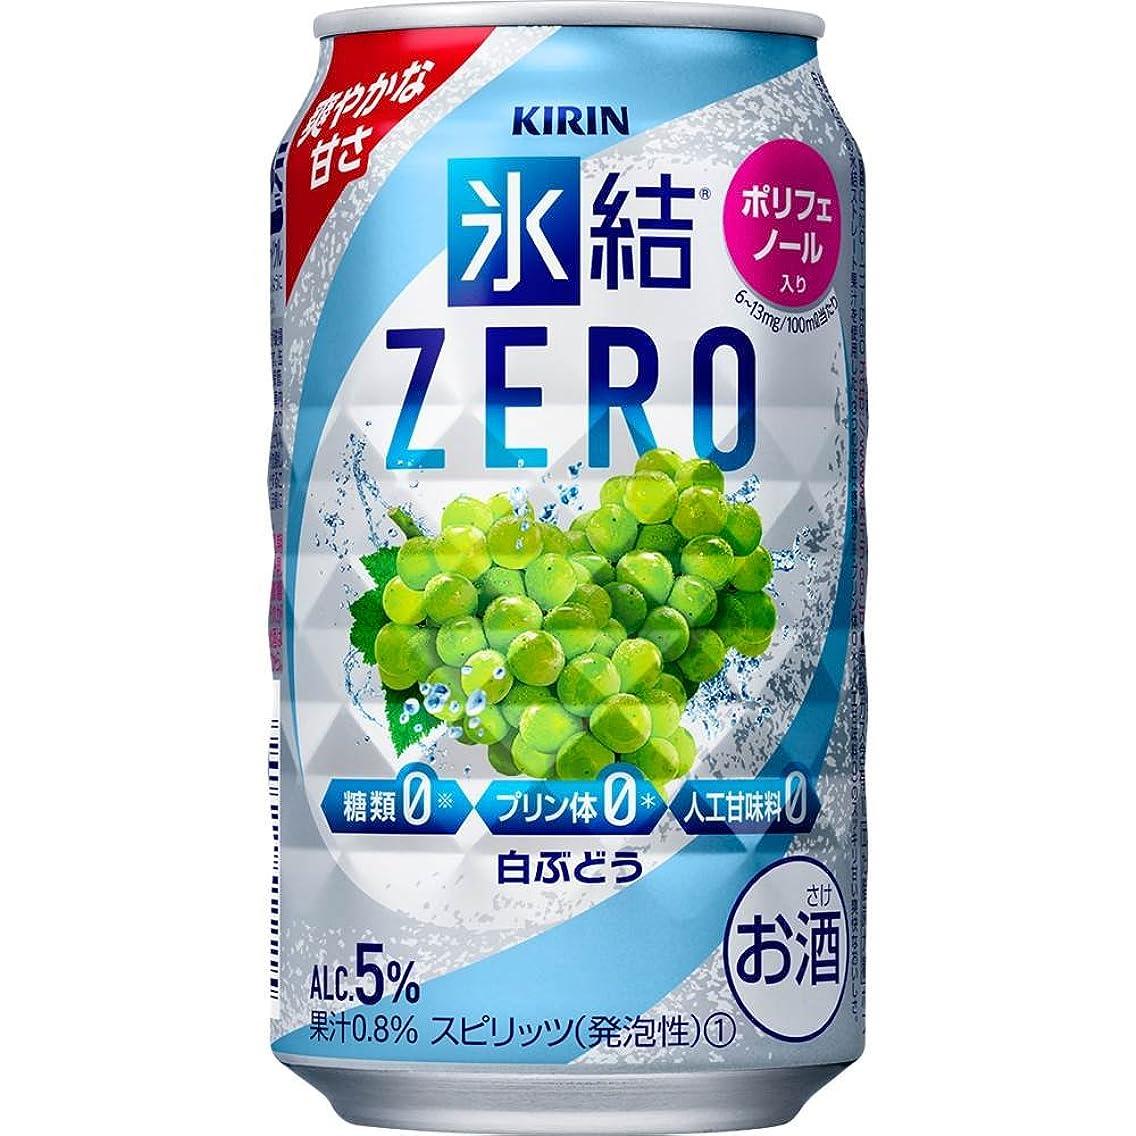 航空水平定期的キリン 氷結ZERO 白ぶどう 350ml×24本 [ チューハイ ]